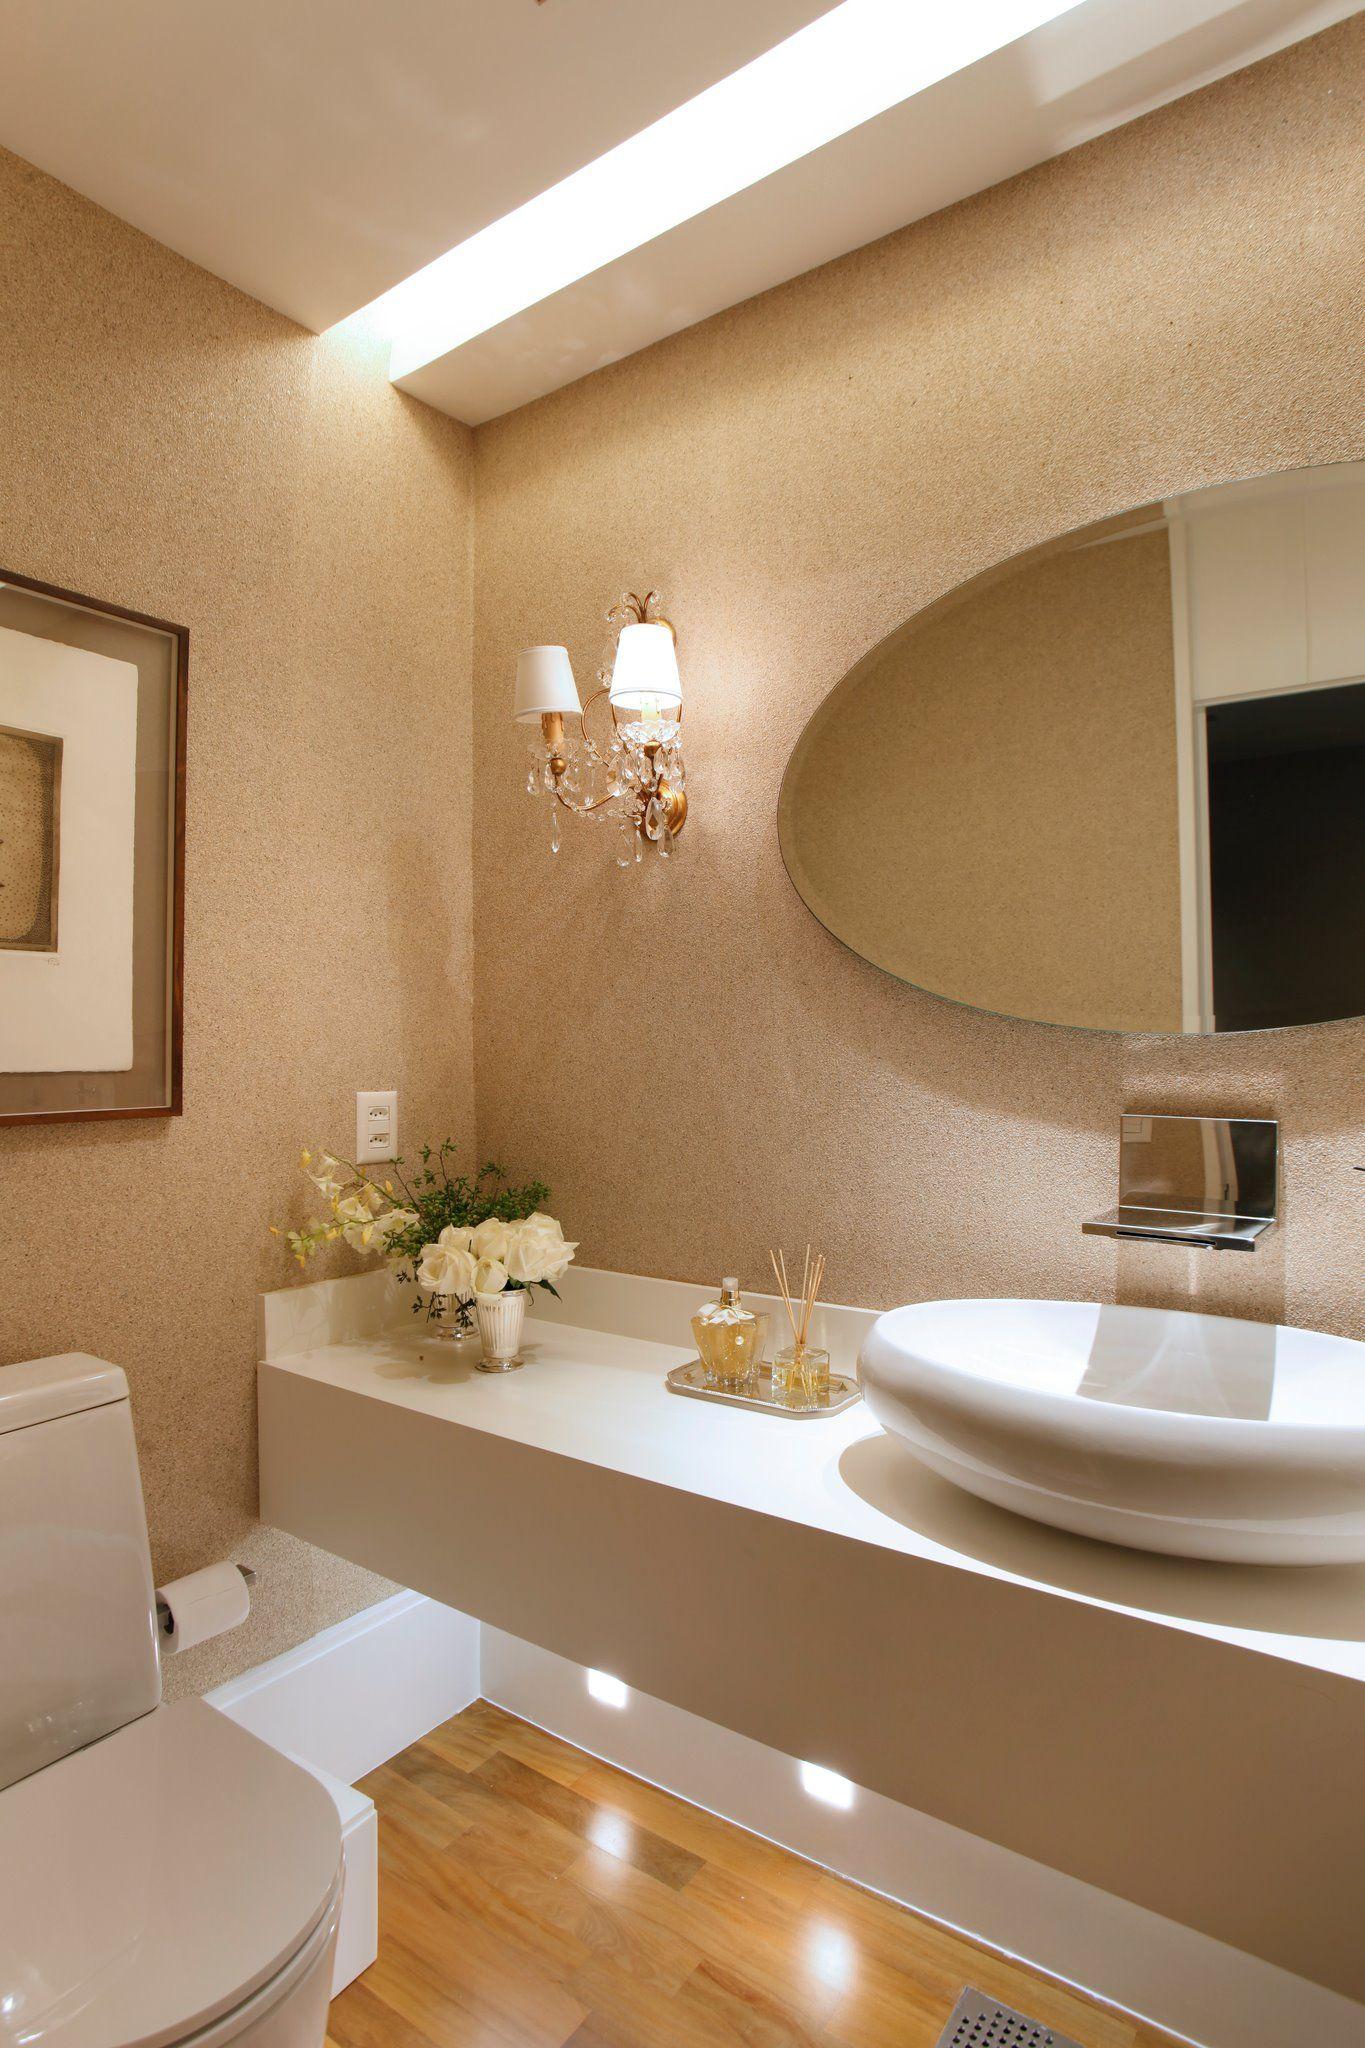 Lavabo No Banheiro : Banheiro banheiros e lavabos gt id?ias